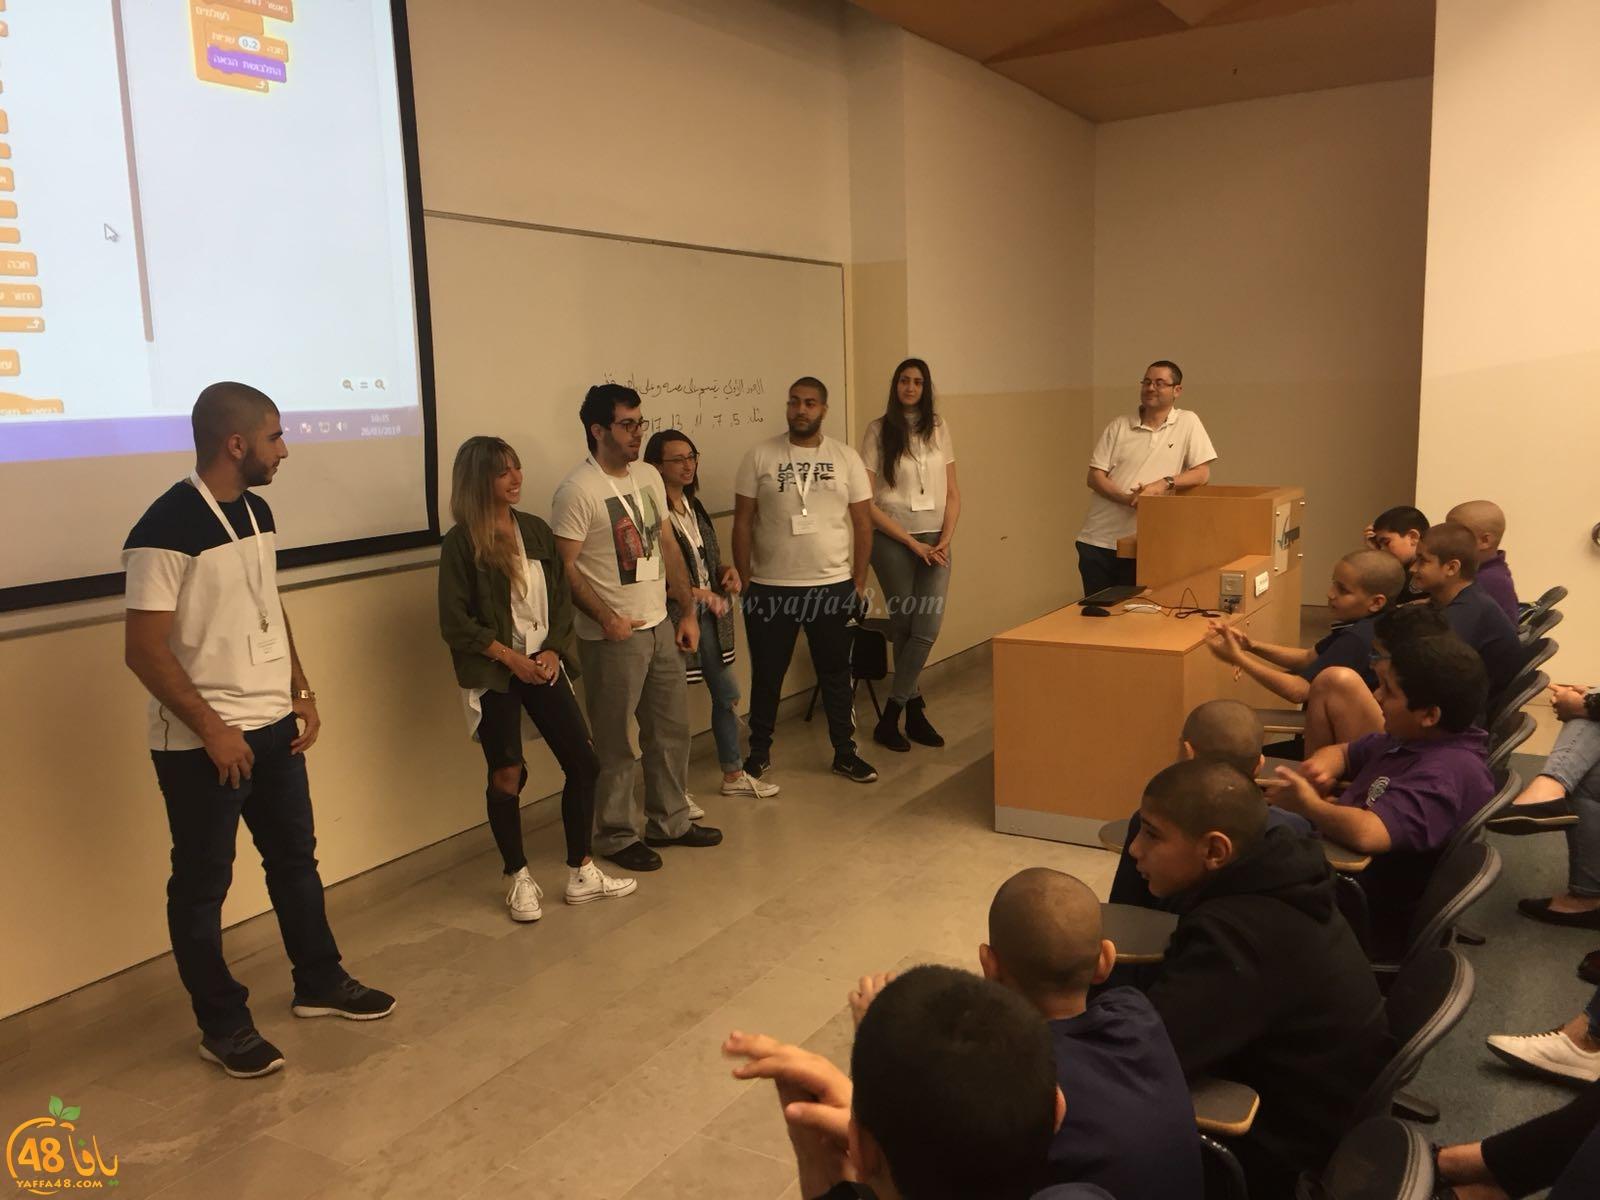 لقاء لمشروع شبكة المبرمجين الشباب بالتعاون بين الكلية الاكاديمية ومدرسة يافا المستقبل